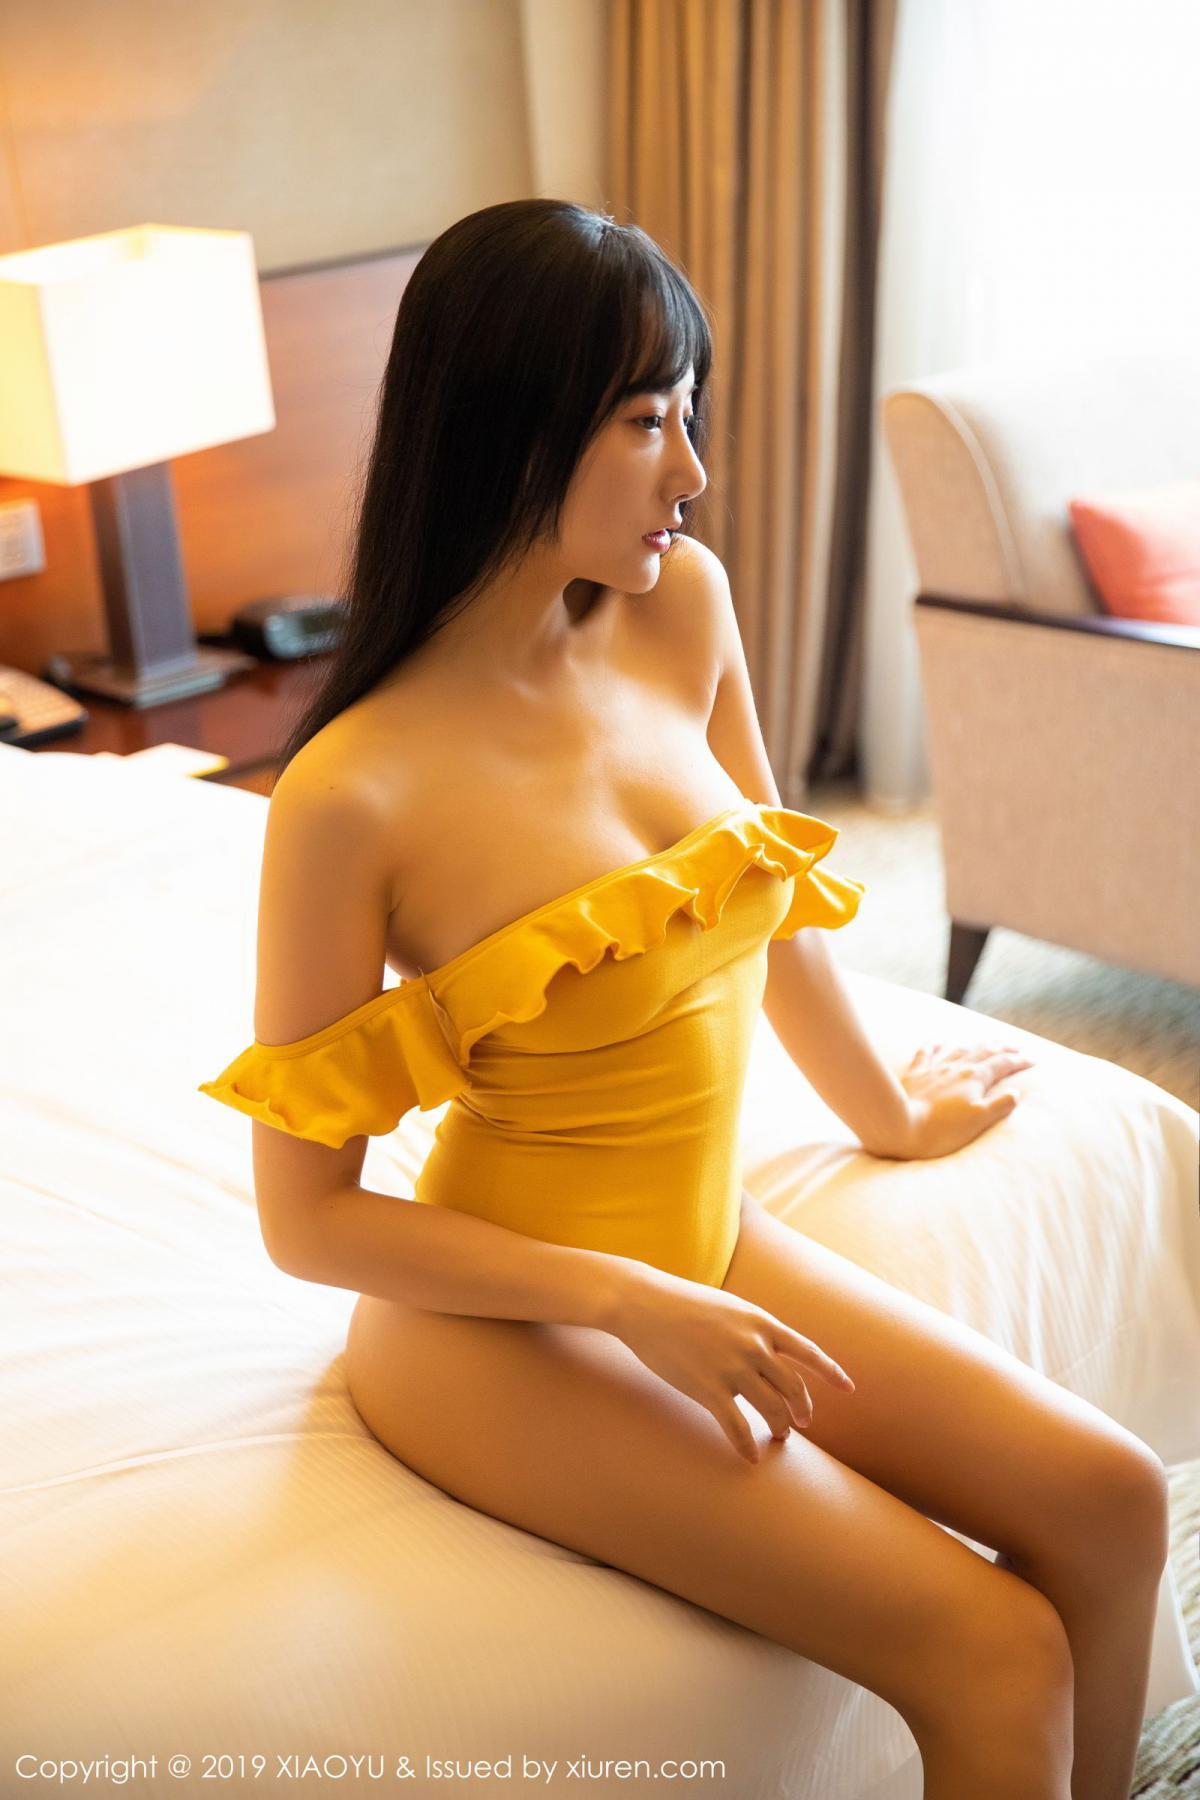 [XiaoYu] Vol.140 He Jia Ying 6P, He Jia Ying, Tall, XiaoYu